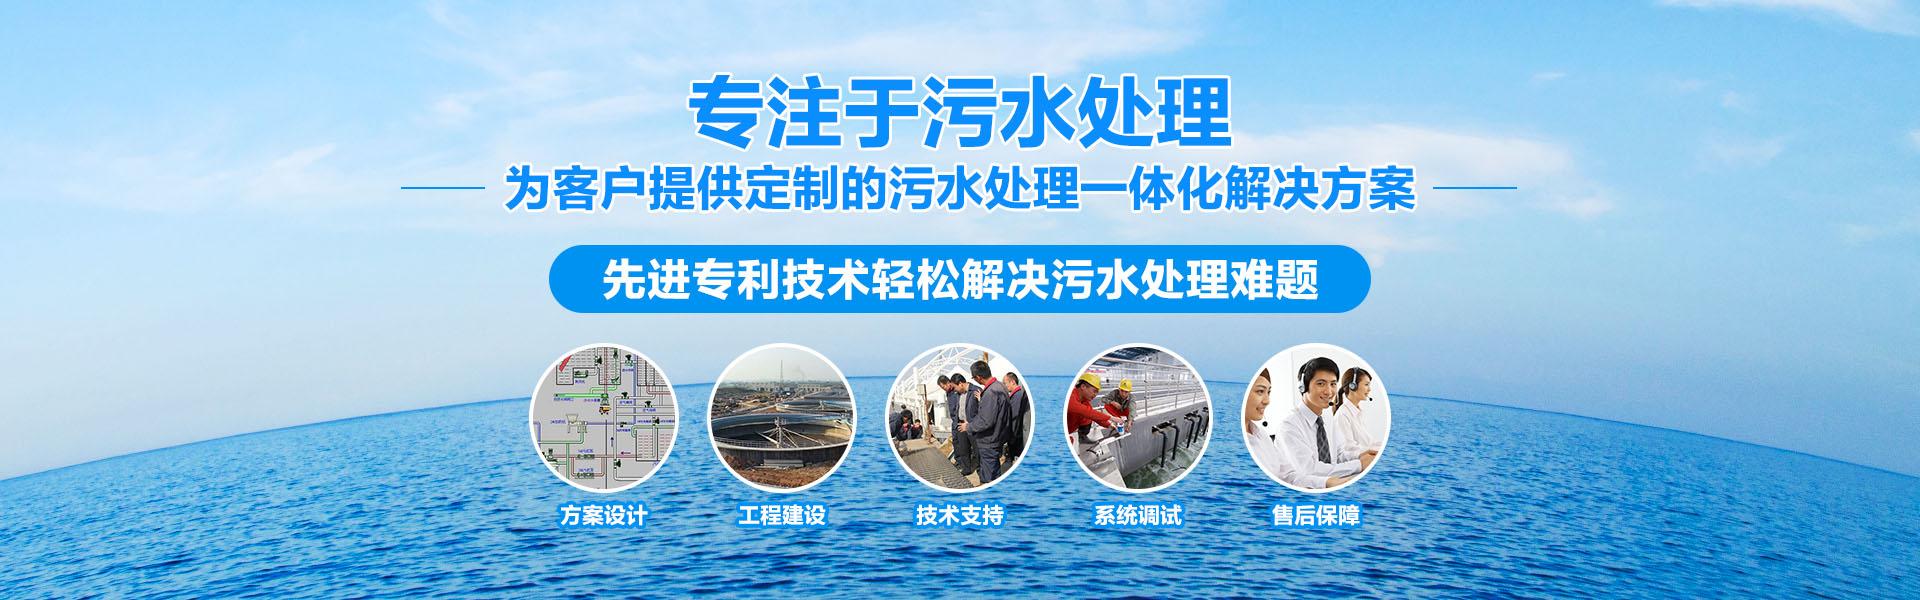 鸿淳环保专注污水处理_为客户提供一体化污水处理方案